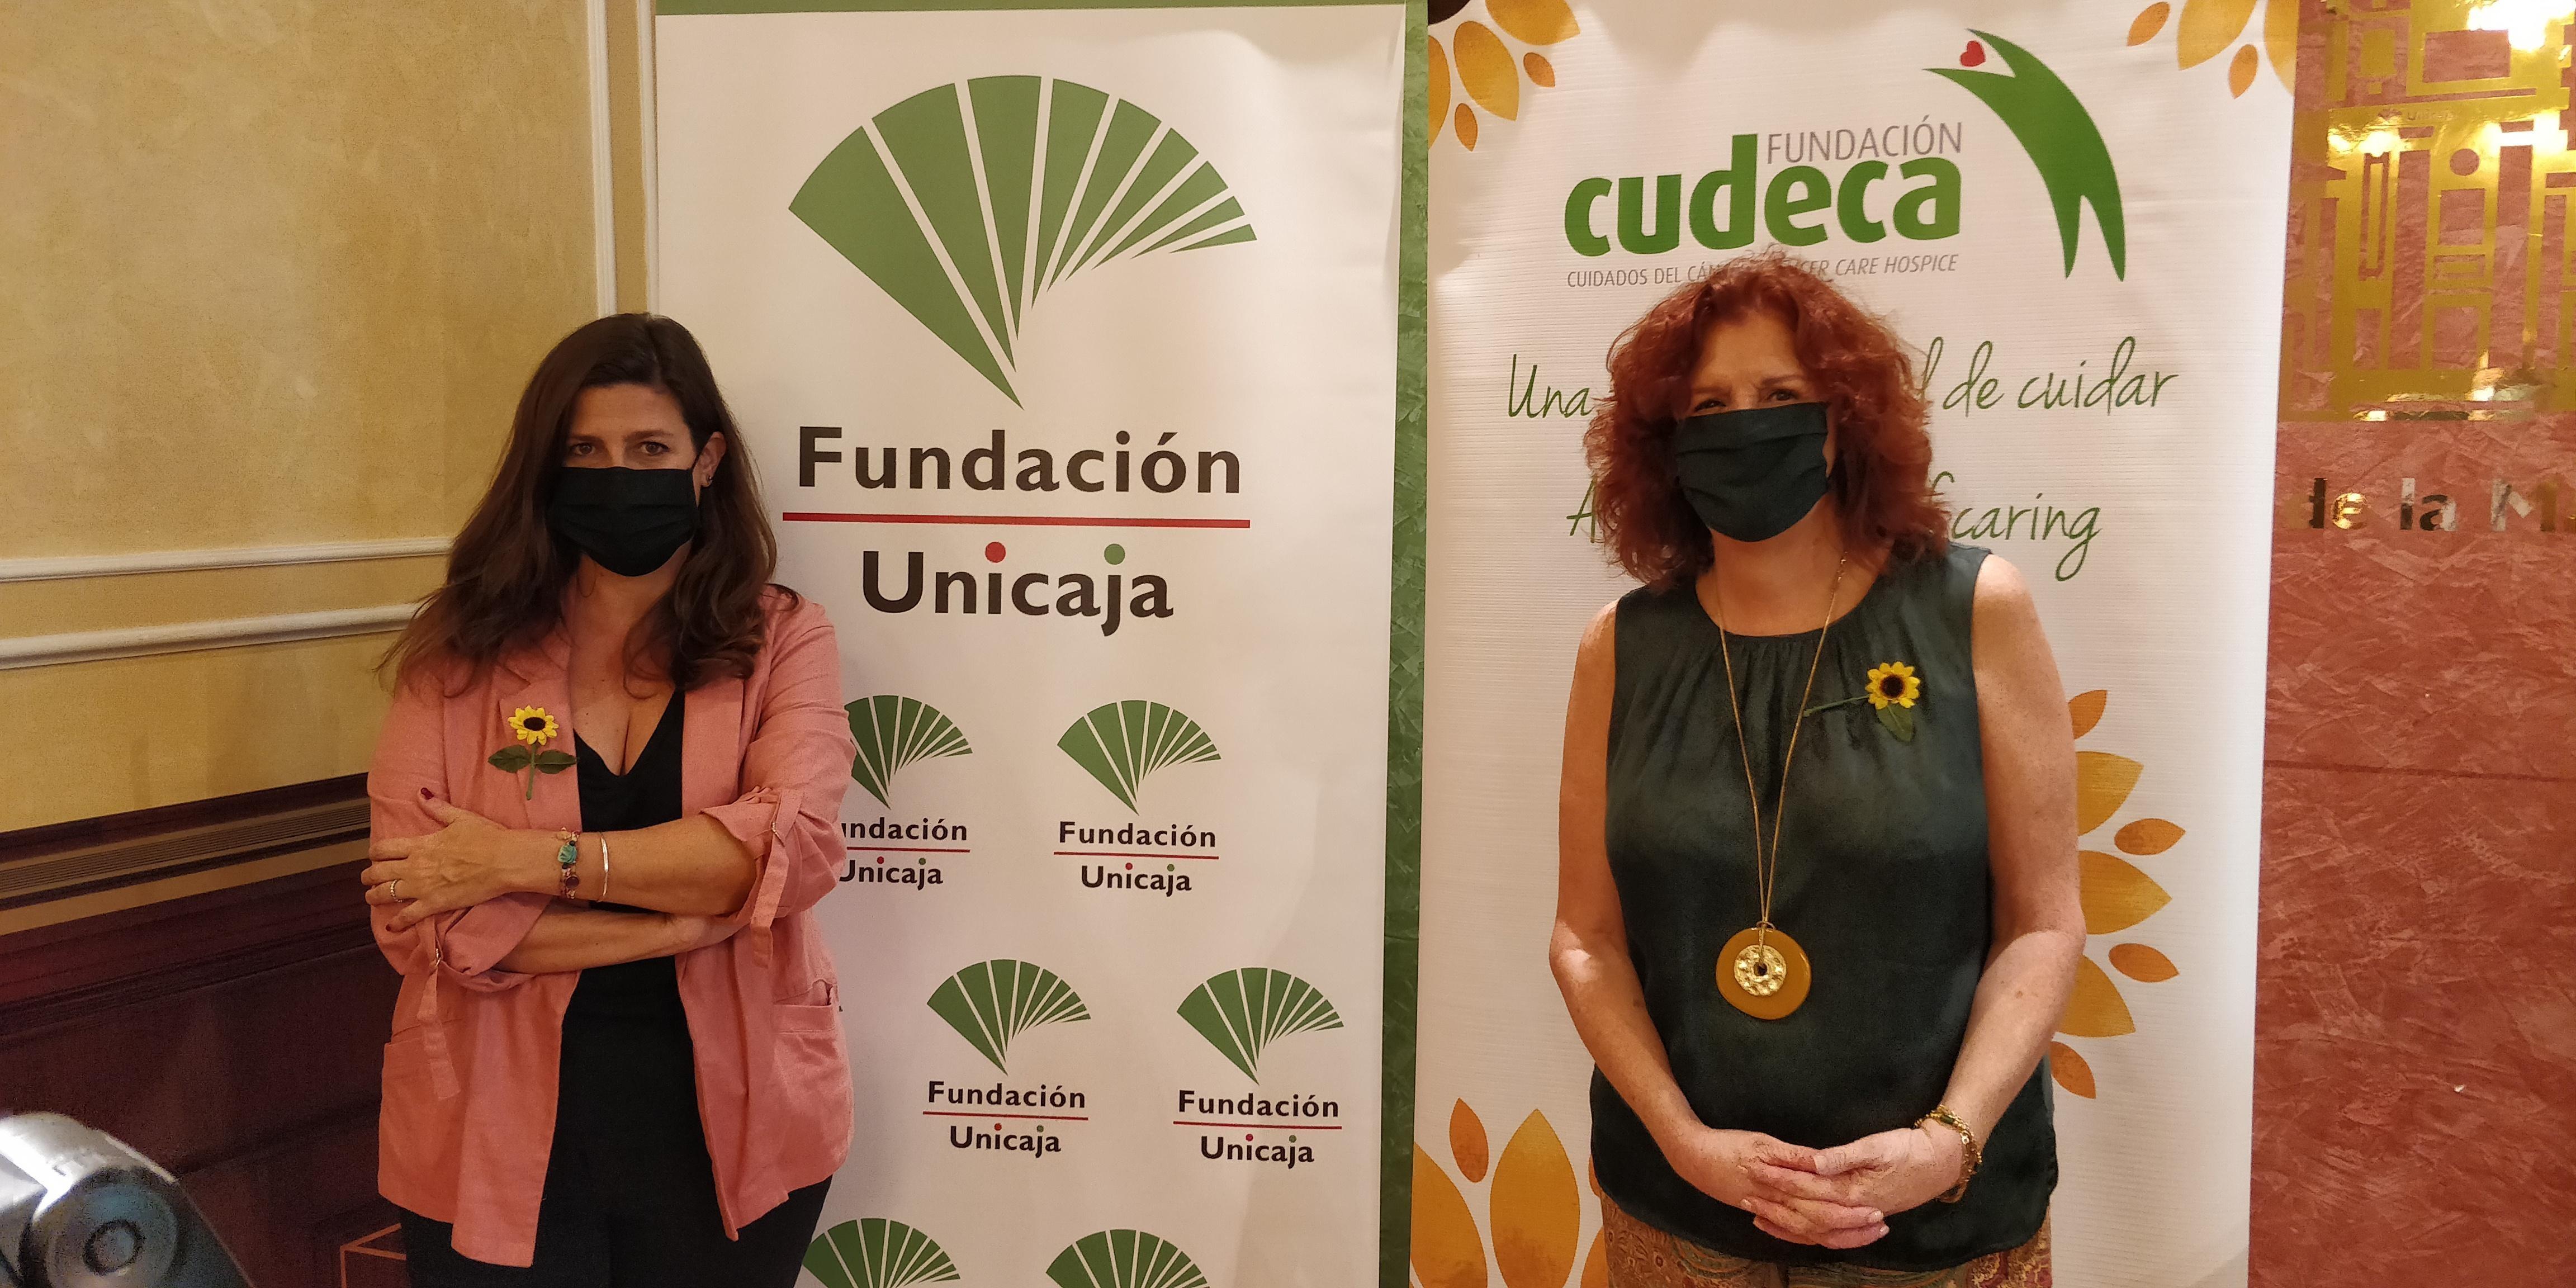 Fundación Unicaja apoya la labor de la Fundación Cudeca y su Unidad de Atención Domiciliaria